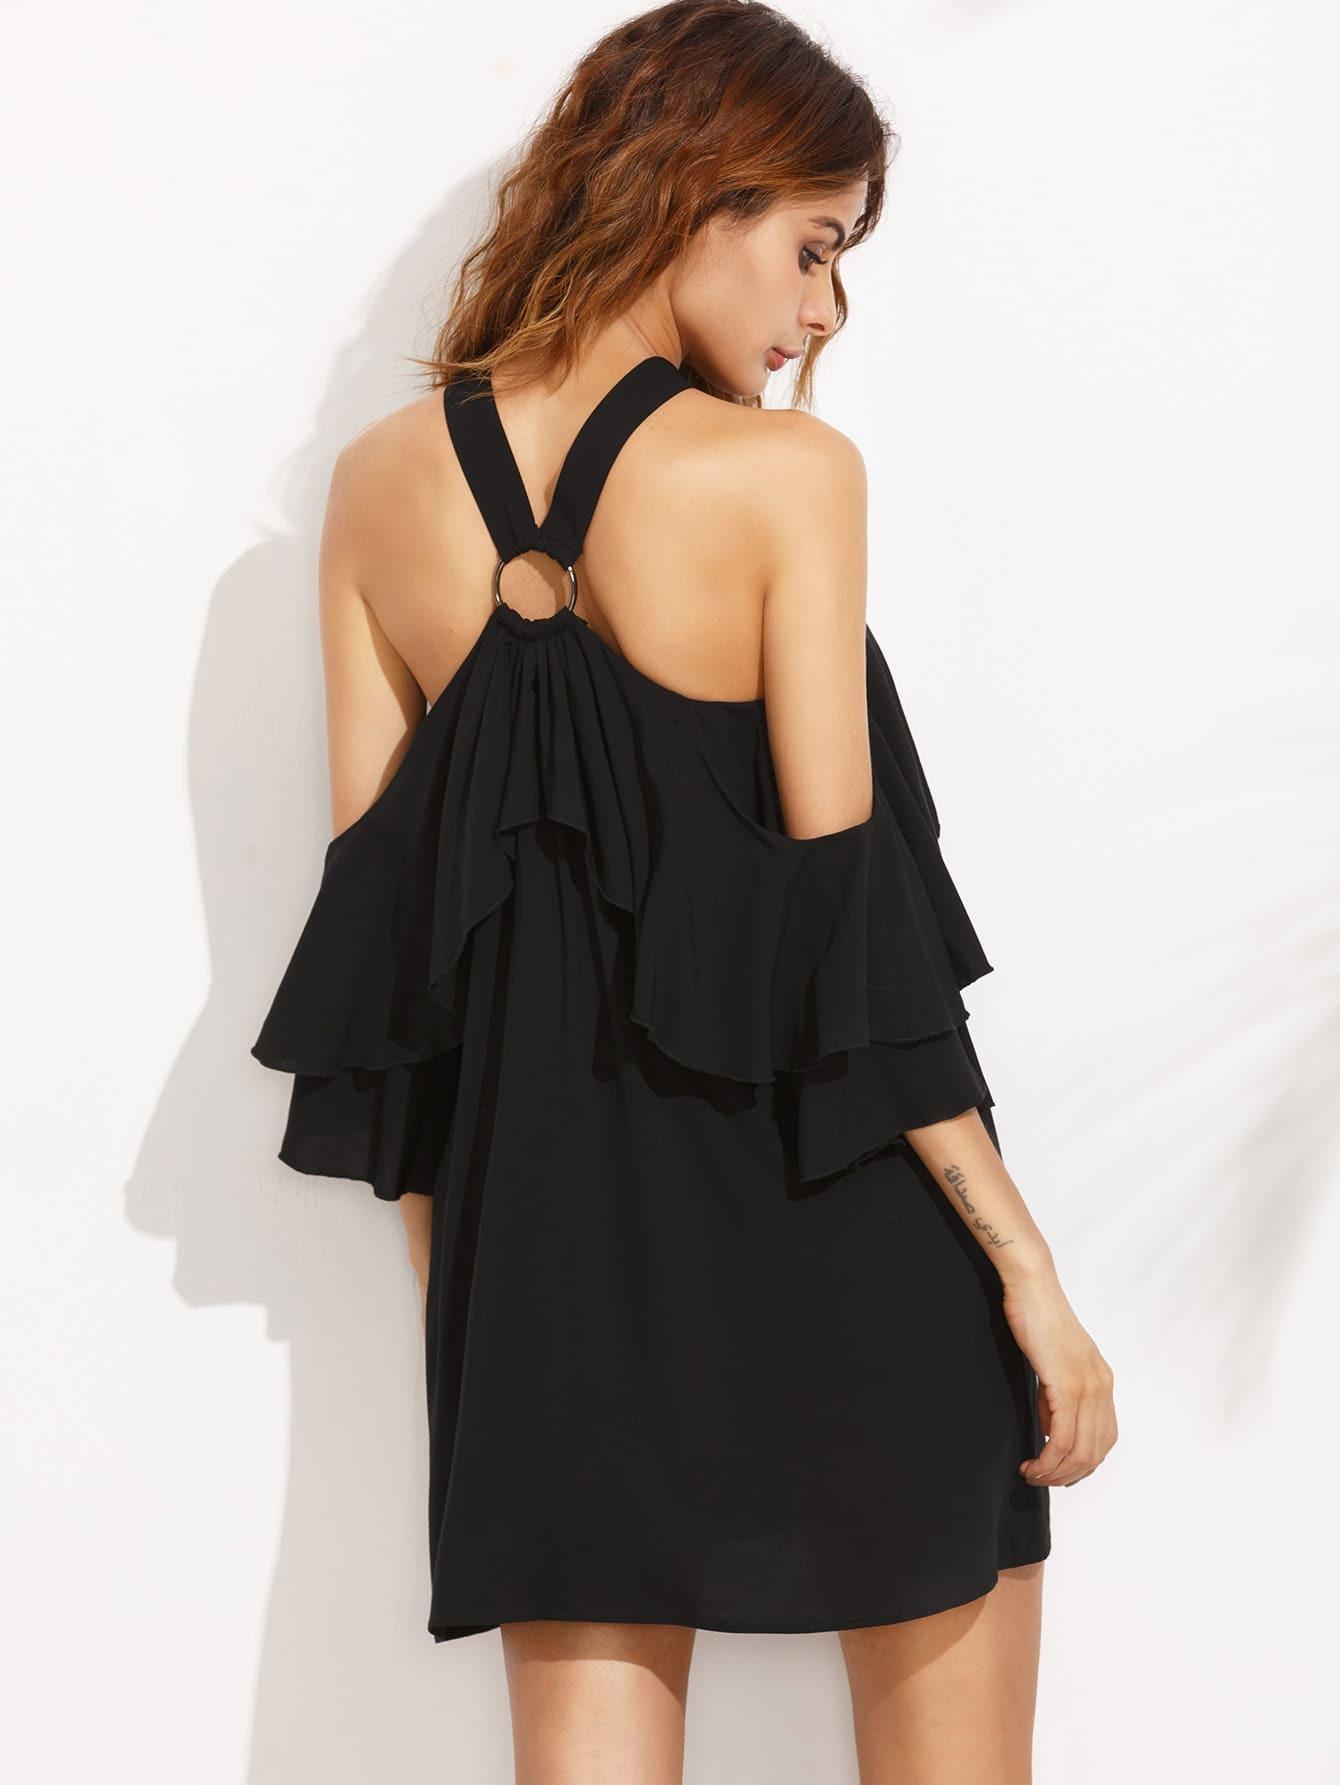 dress160802516_2